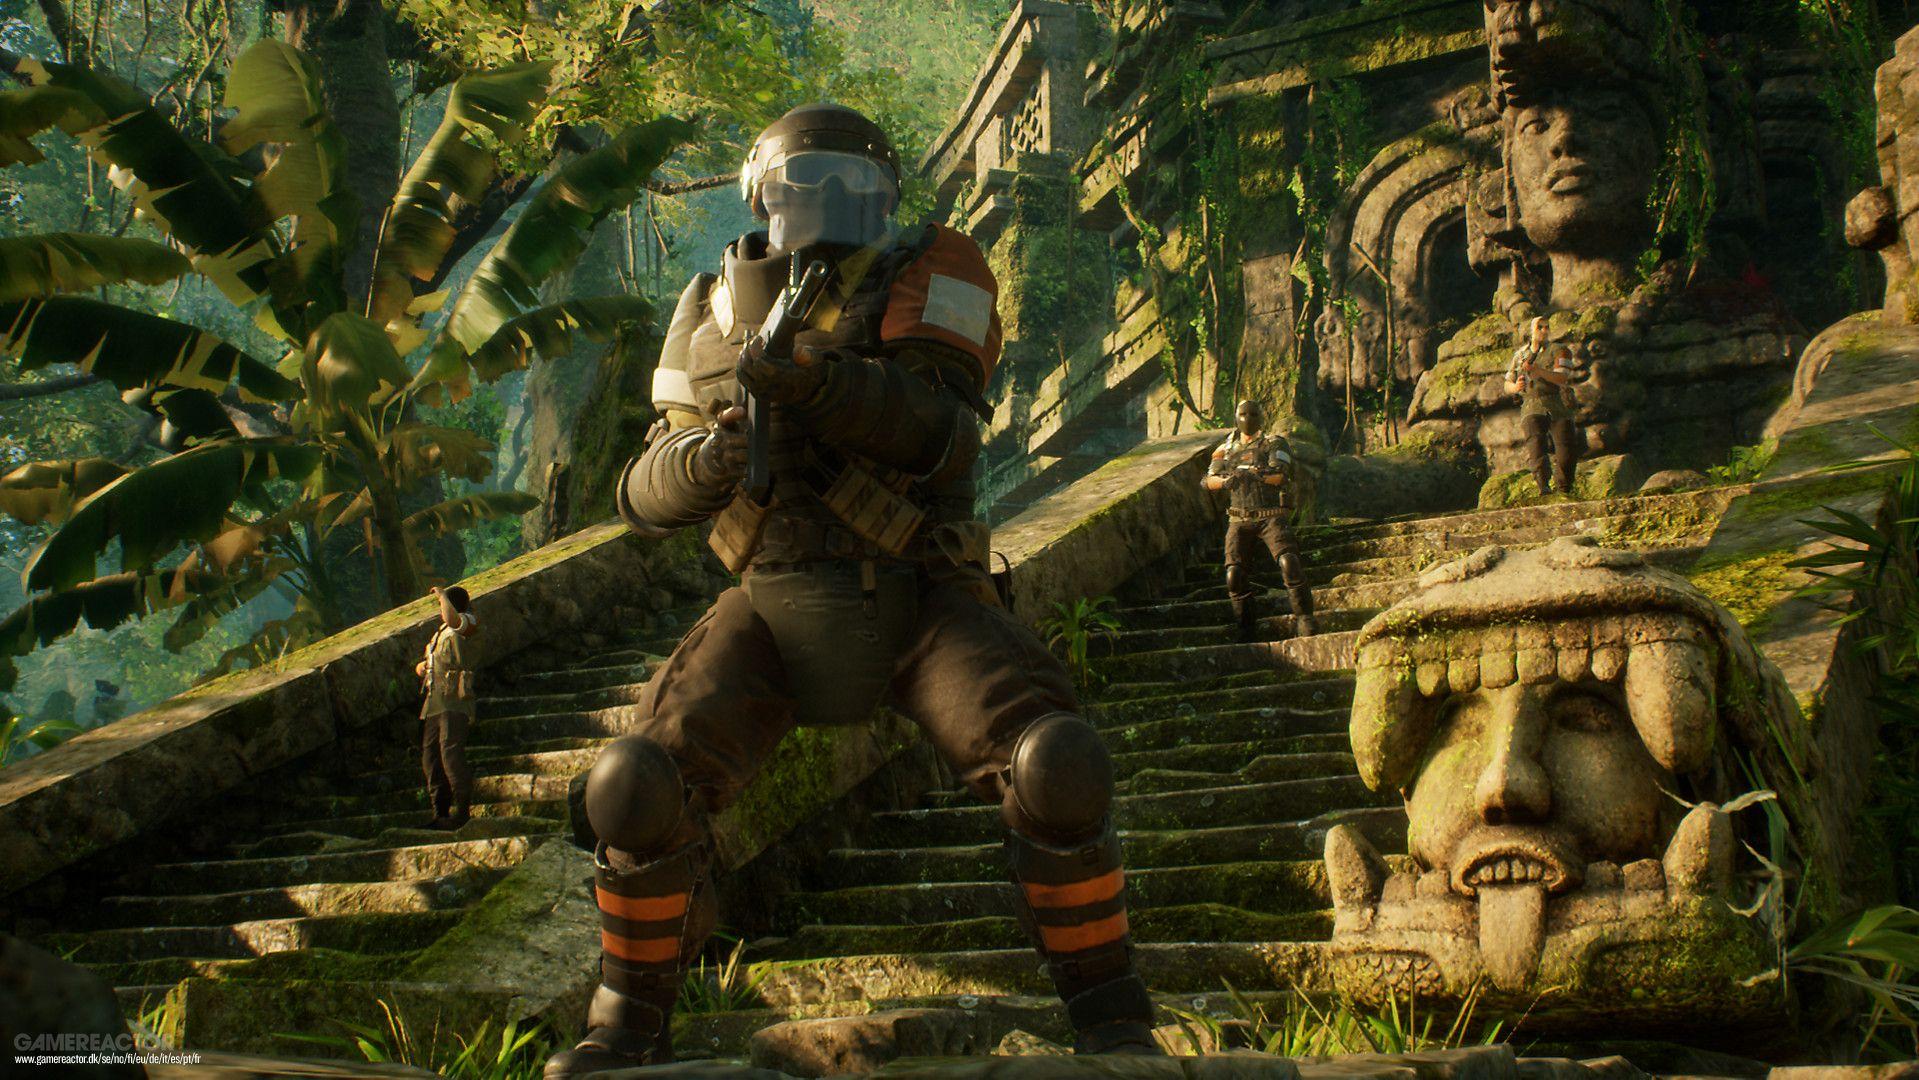 Imágenes de Predator: Hunting Grounds - primeras impresiones 2/3